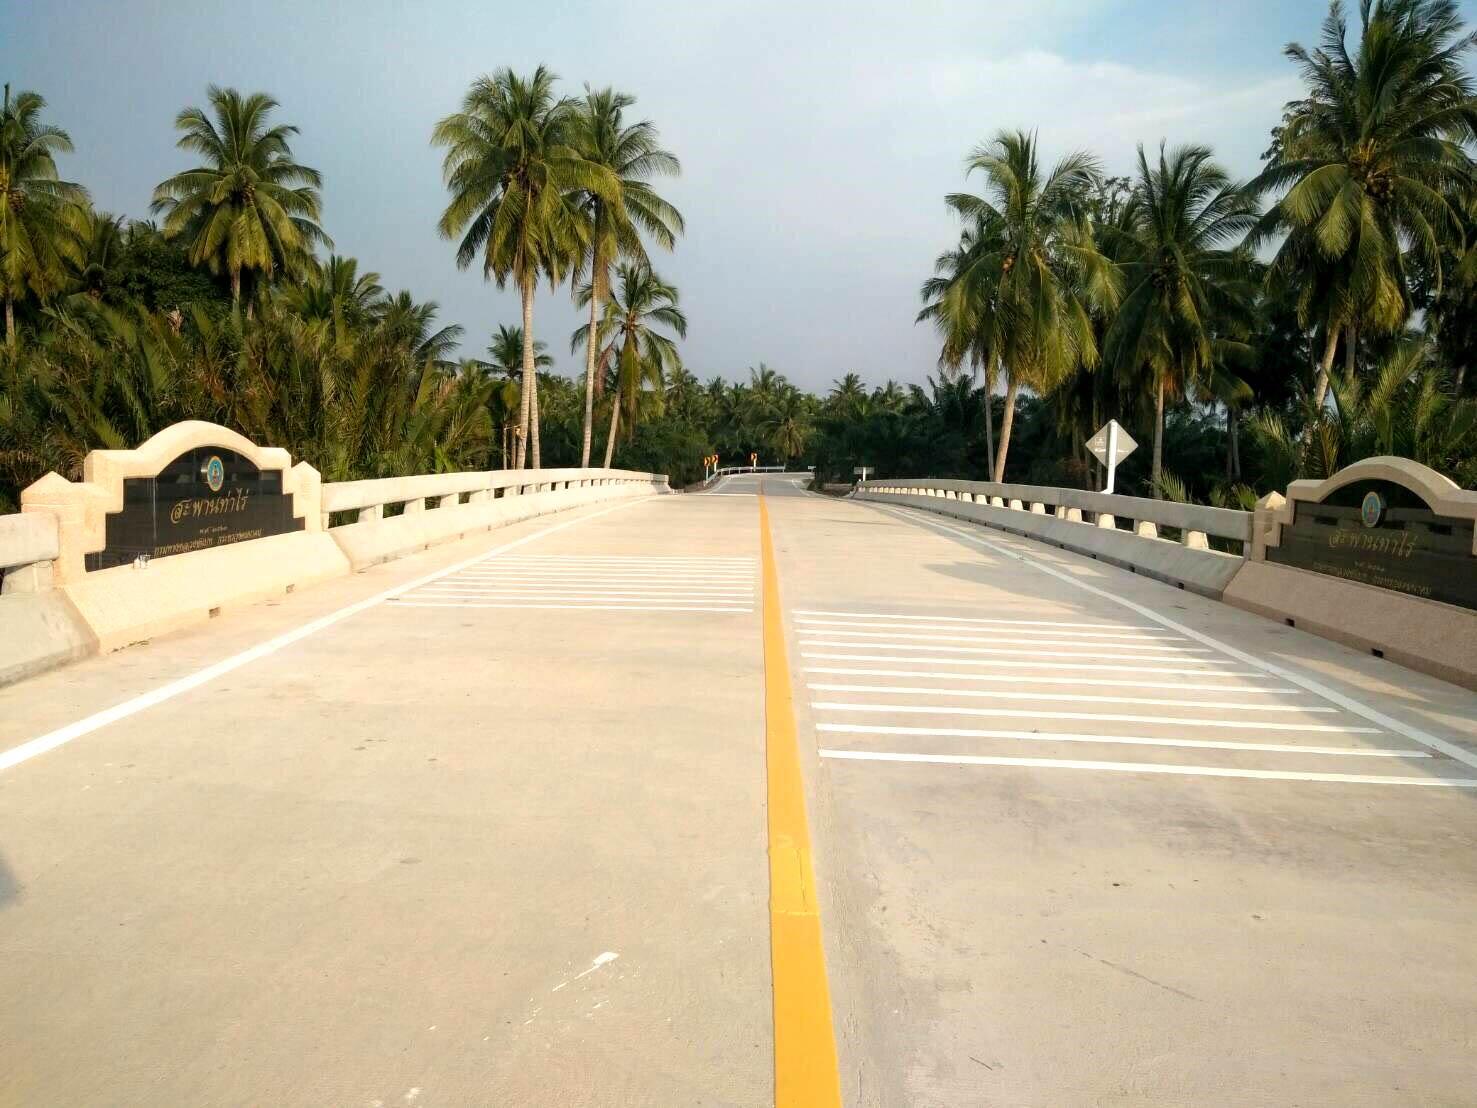 ทช. เอาใจชาวเมืองคอนฯ สร้างสะพานข้ามคลองปากนคร เชื่อม 2 ตำบล